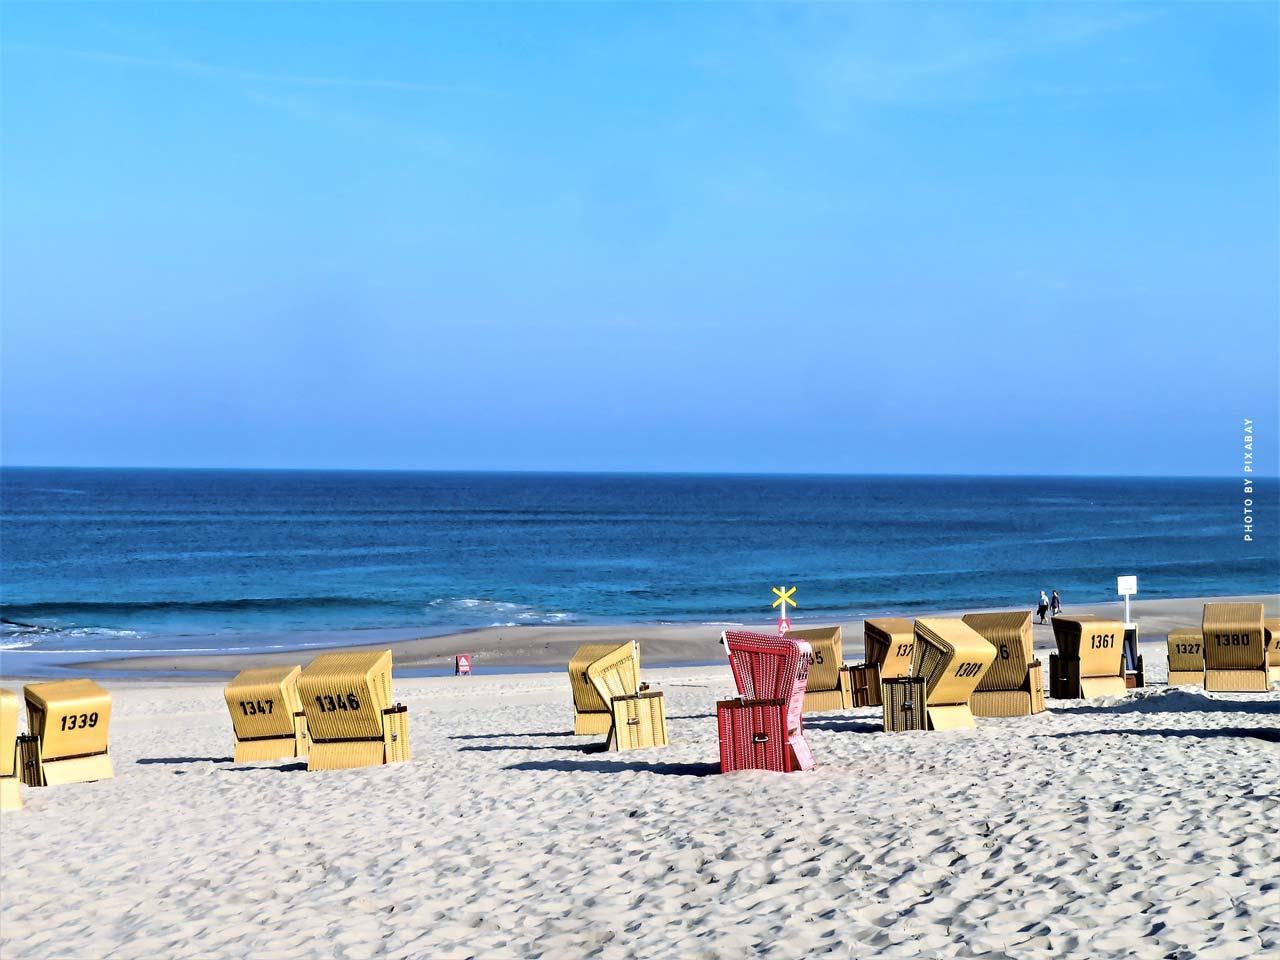 Vacances en mer du Nord : curiosités, appartements et maisons de vacances, campings & Co.